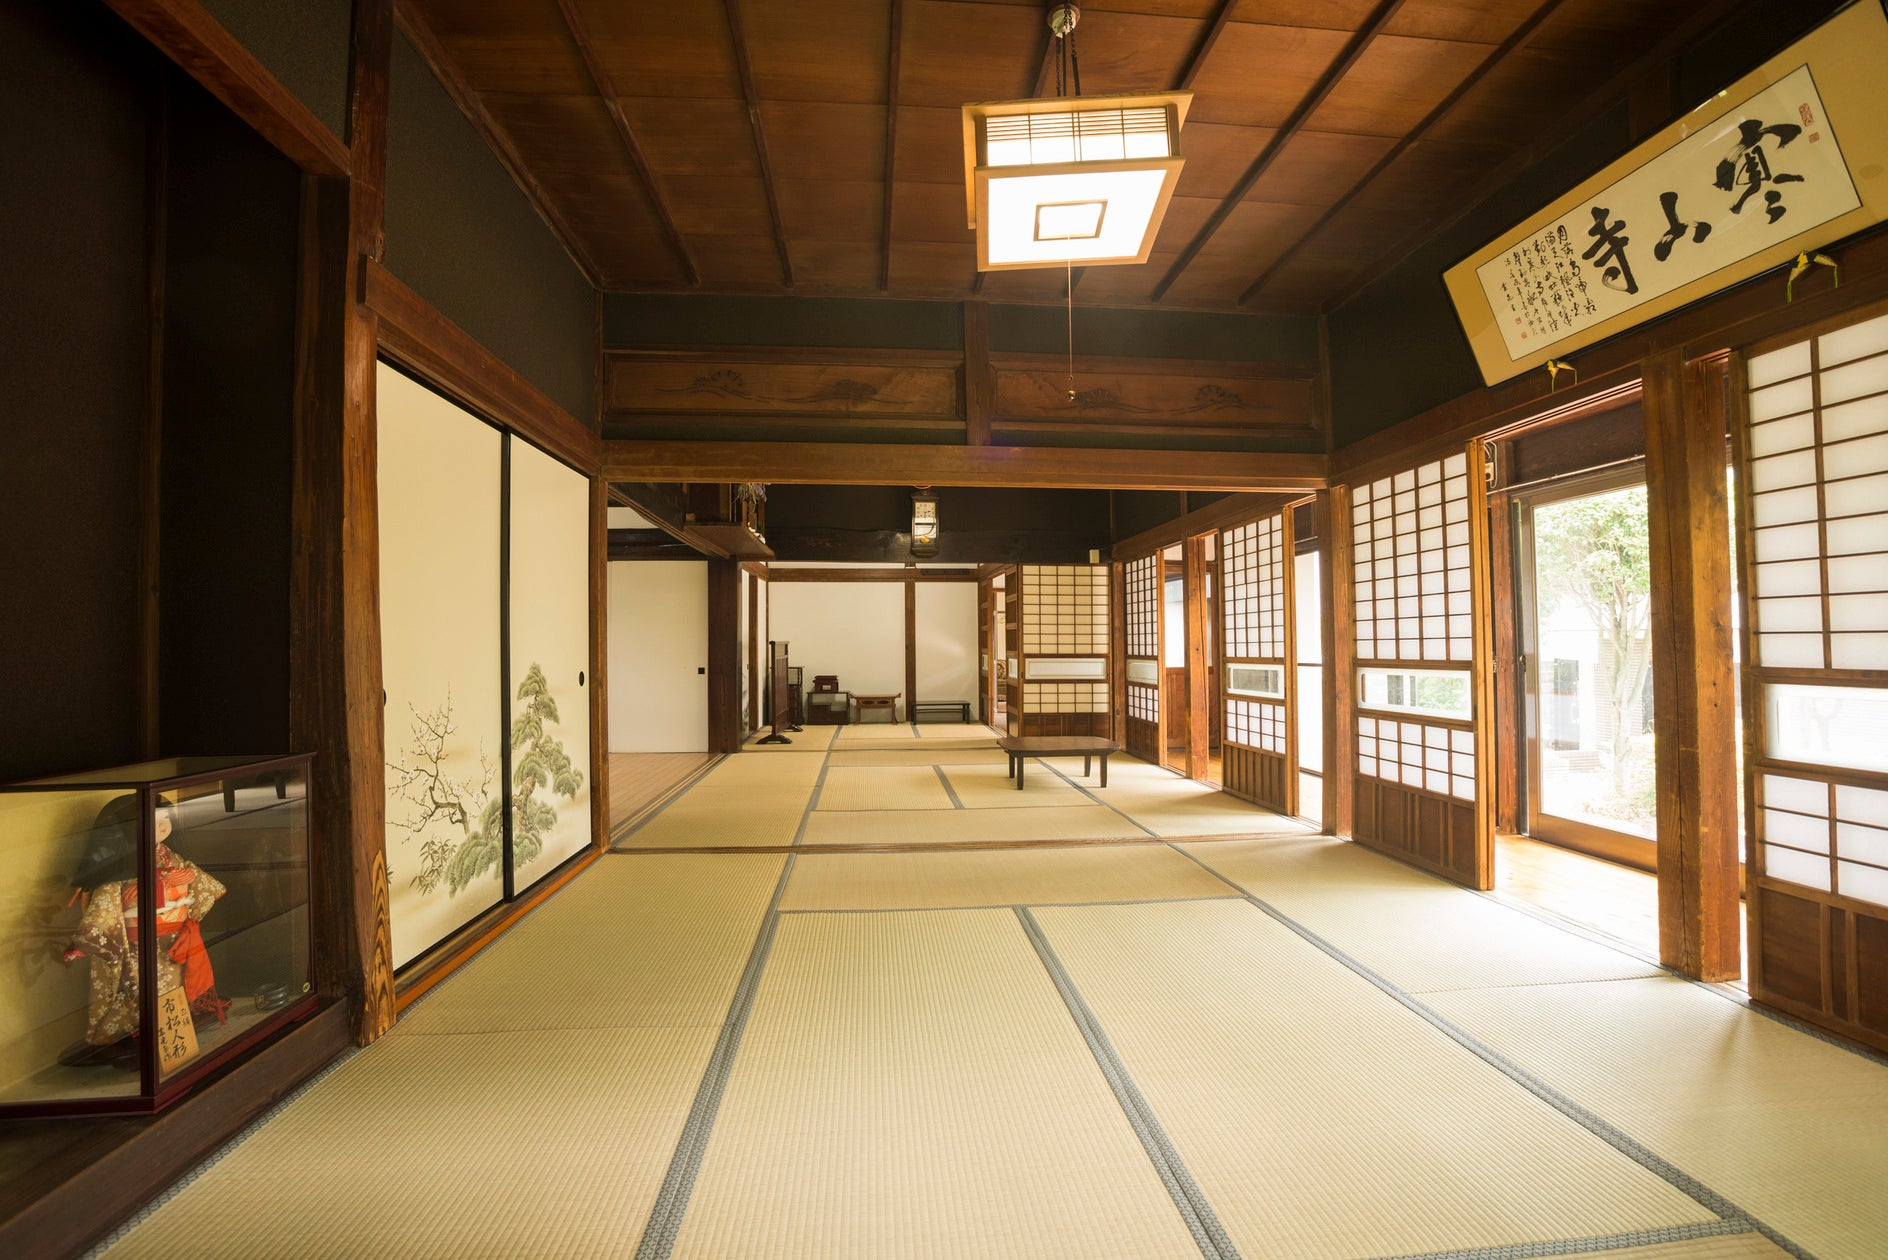 古民家冨田邸、都内で珍しい由緒ある古い建物です ...